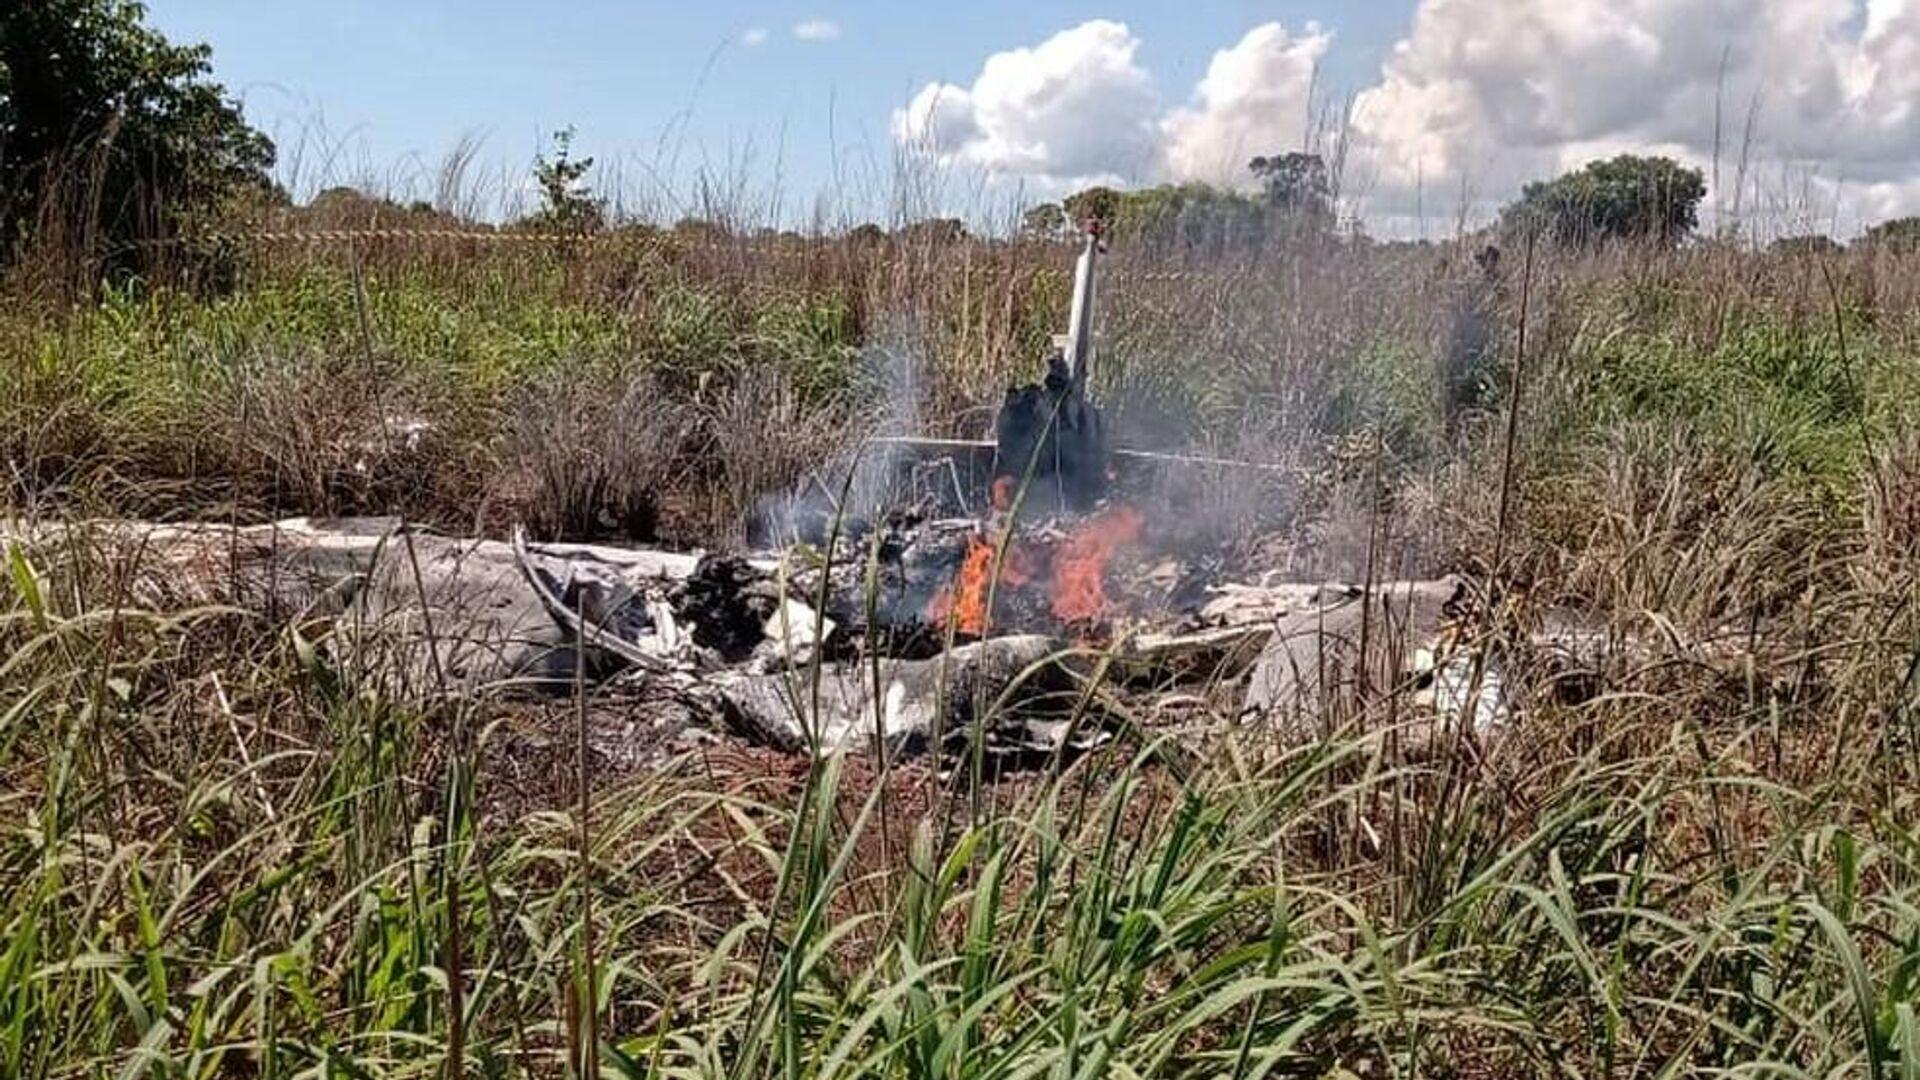 Фото с места крушения легкомоторного самолета, в котором погибли футболисты бразильского клуба Пальмас - РИА Новости, 1920, 24.01.2021